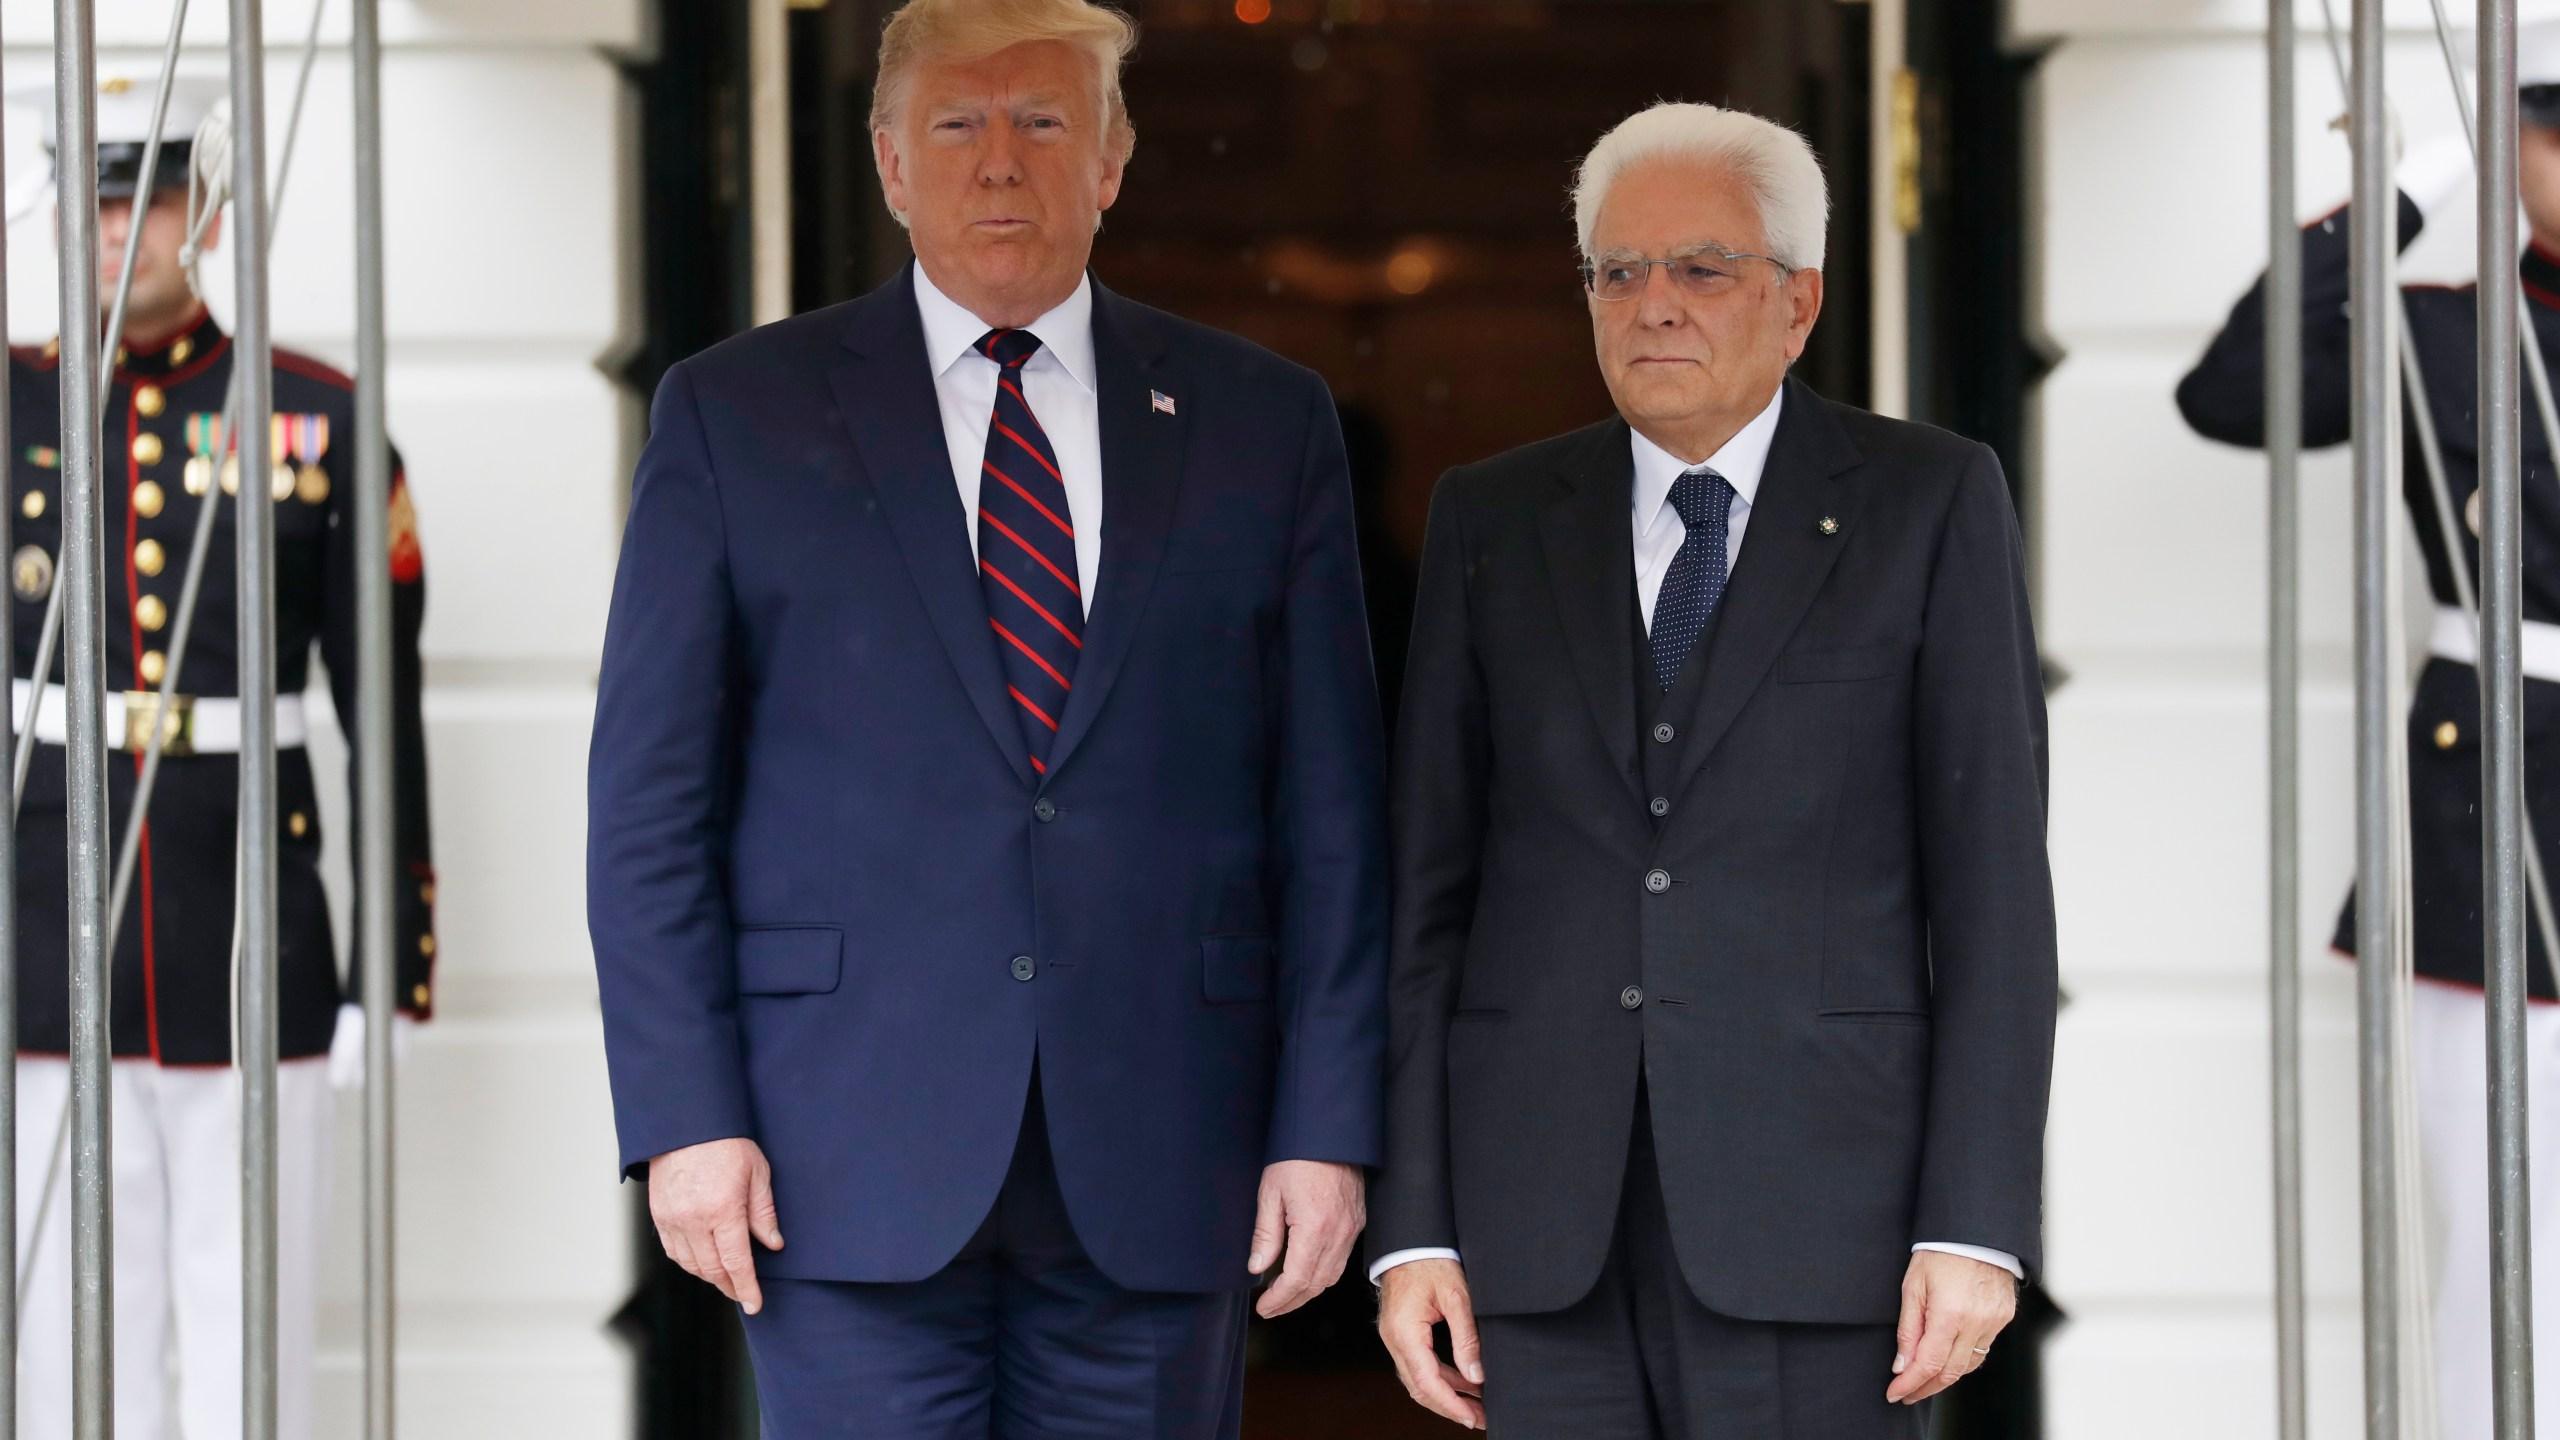 Donald TrumpSergio Mattarella